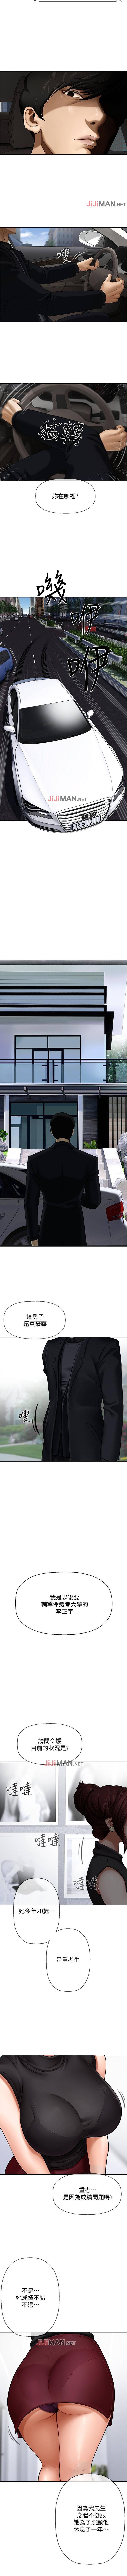 【已休刊】坏老师(作者:朴世談&福) 第1~31话 5